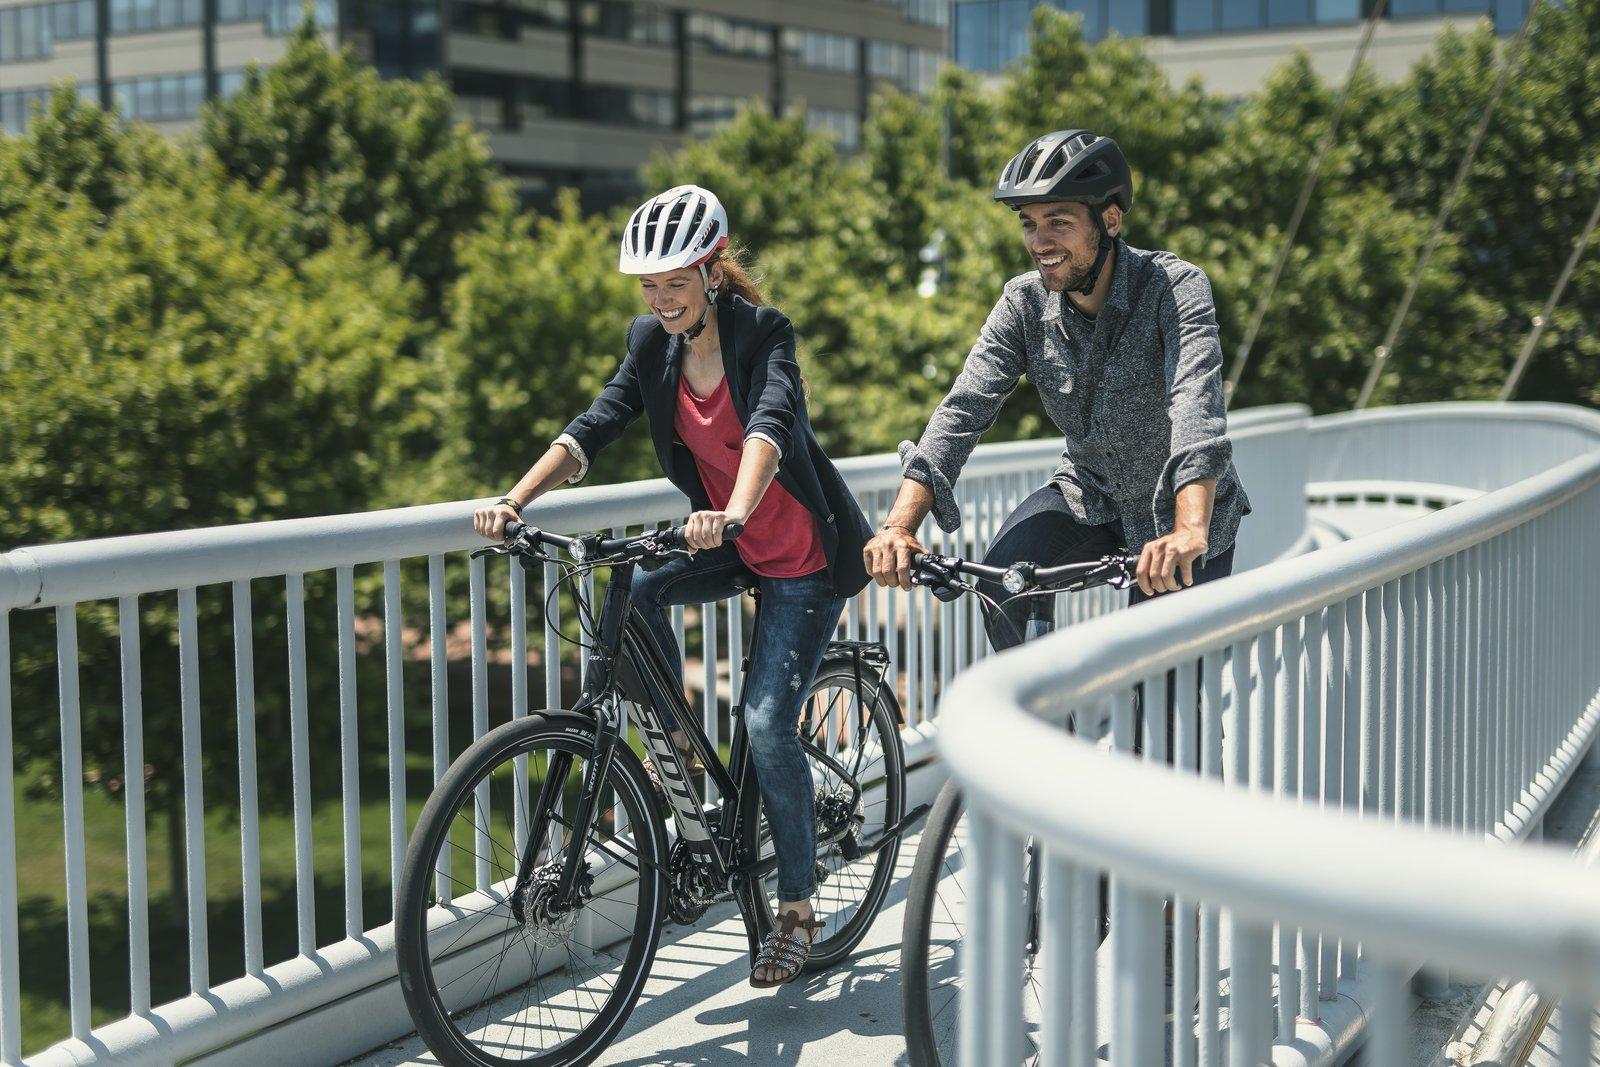 Znalezione obrazy dla zapytania scott bike action